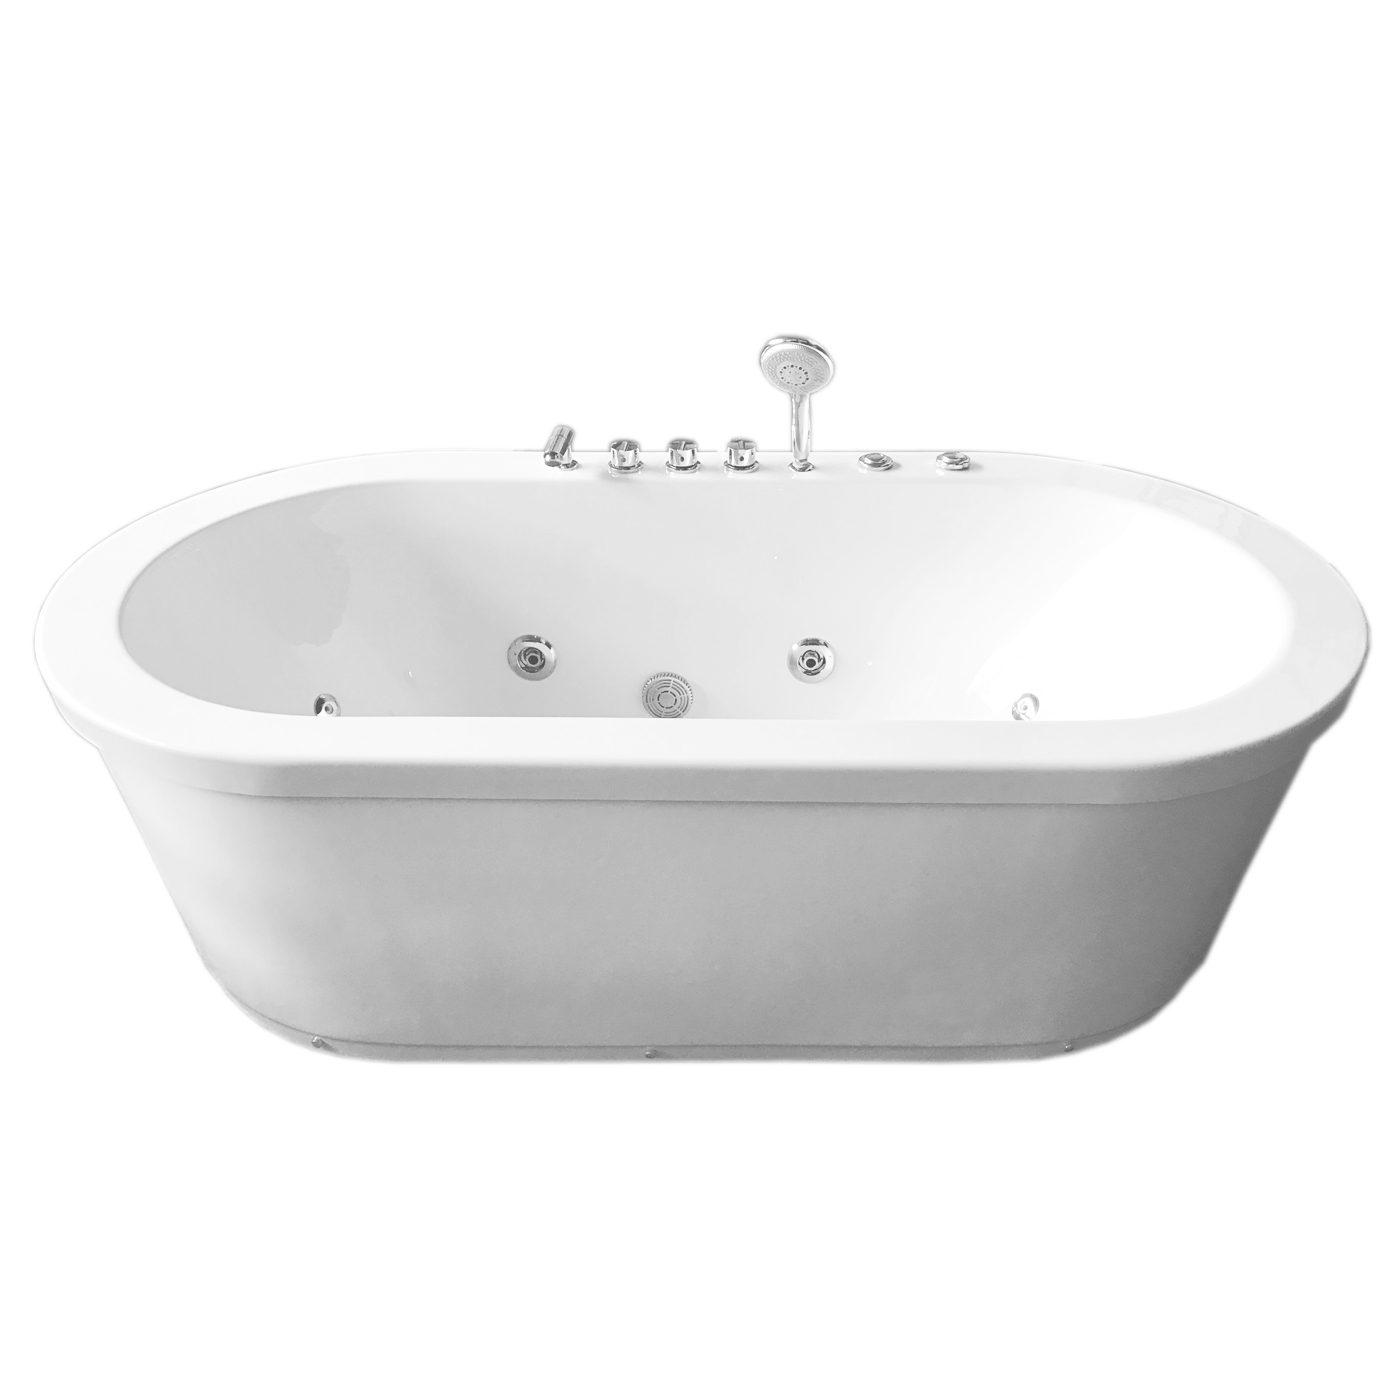 Vasca da bagno idromassaggio bianca 185cm x 95cm freestanding - Vasca da bagno nera ...